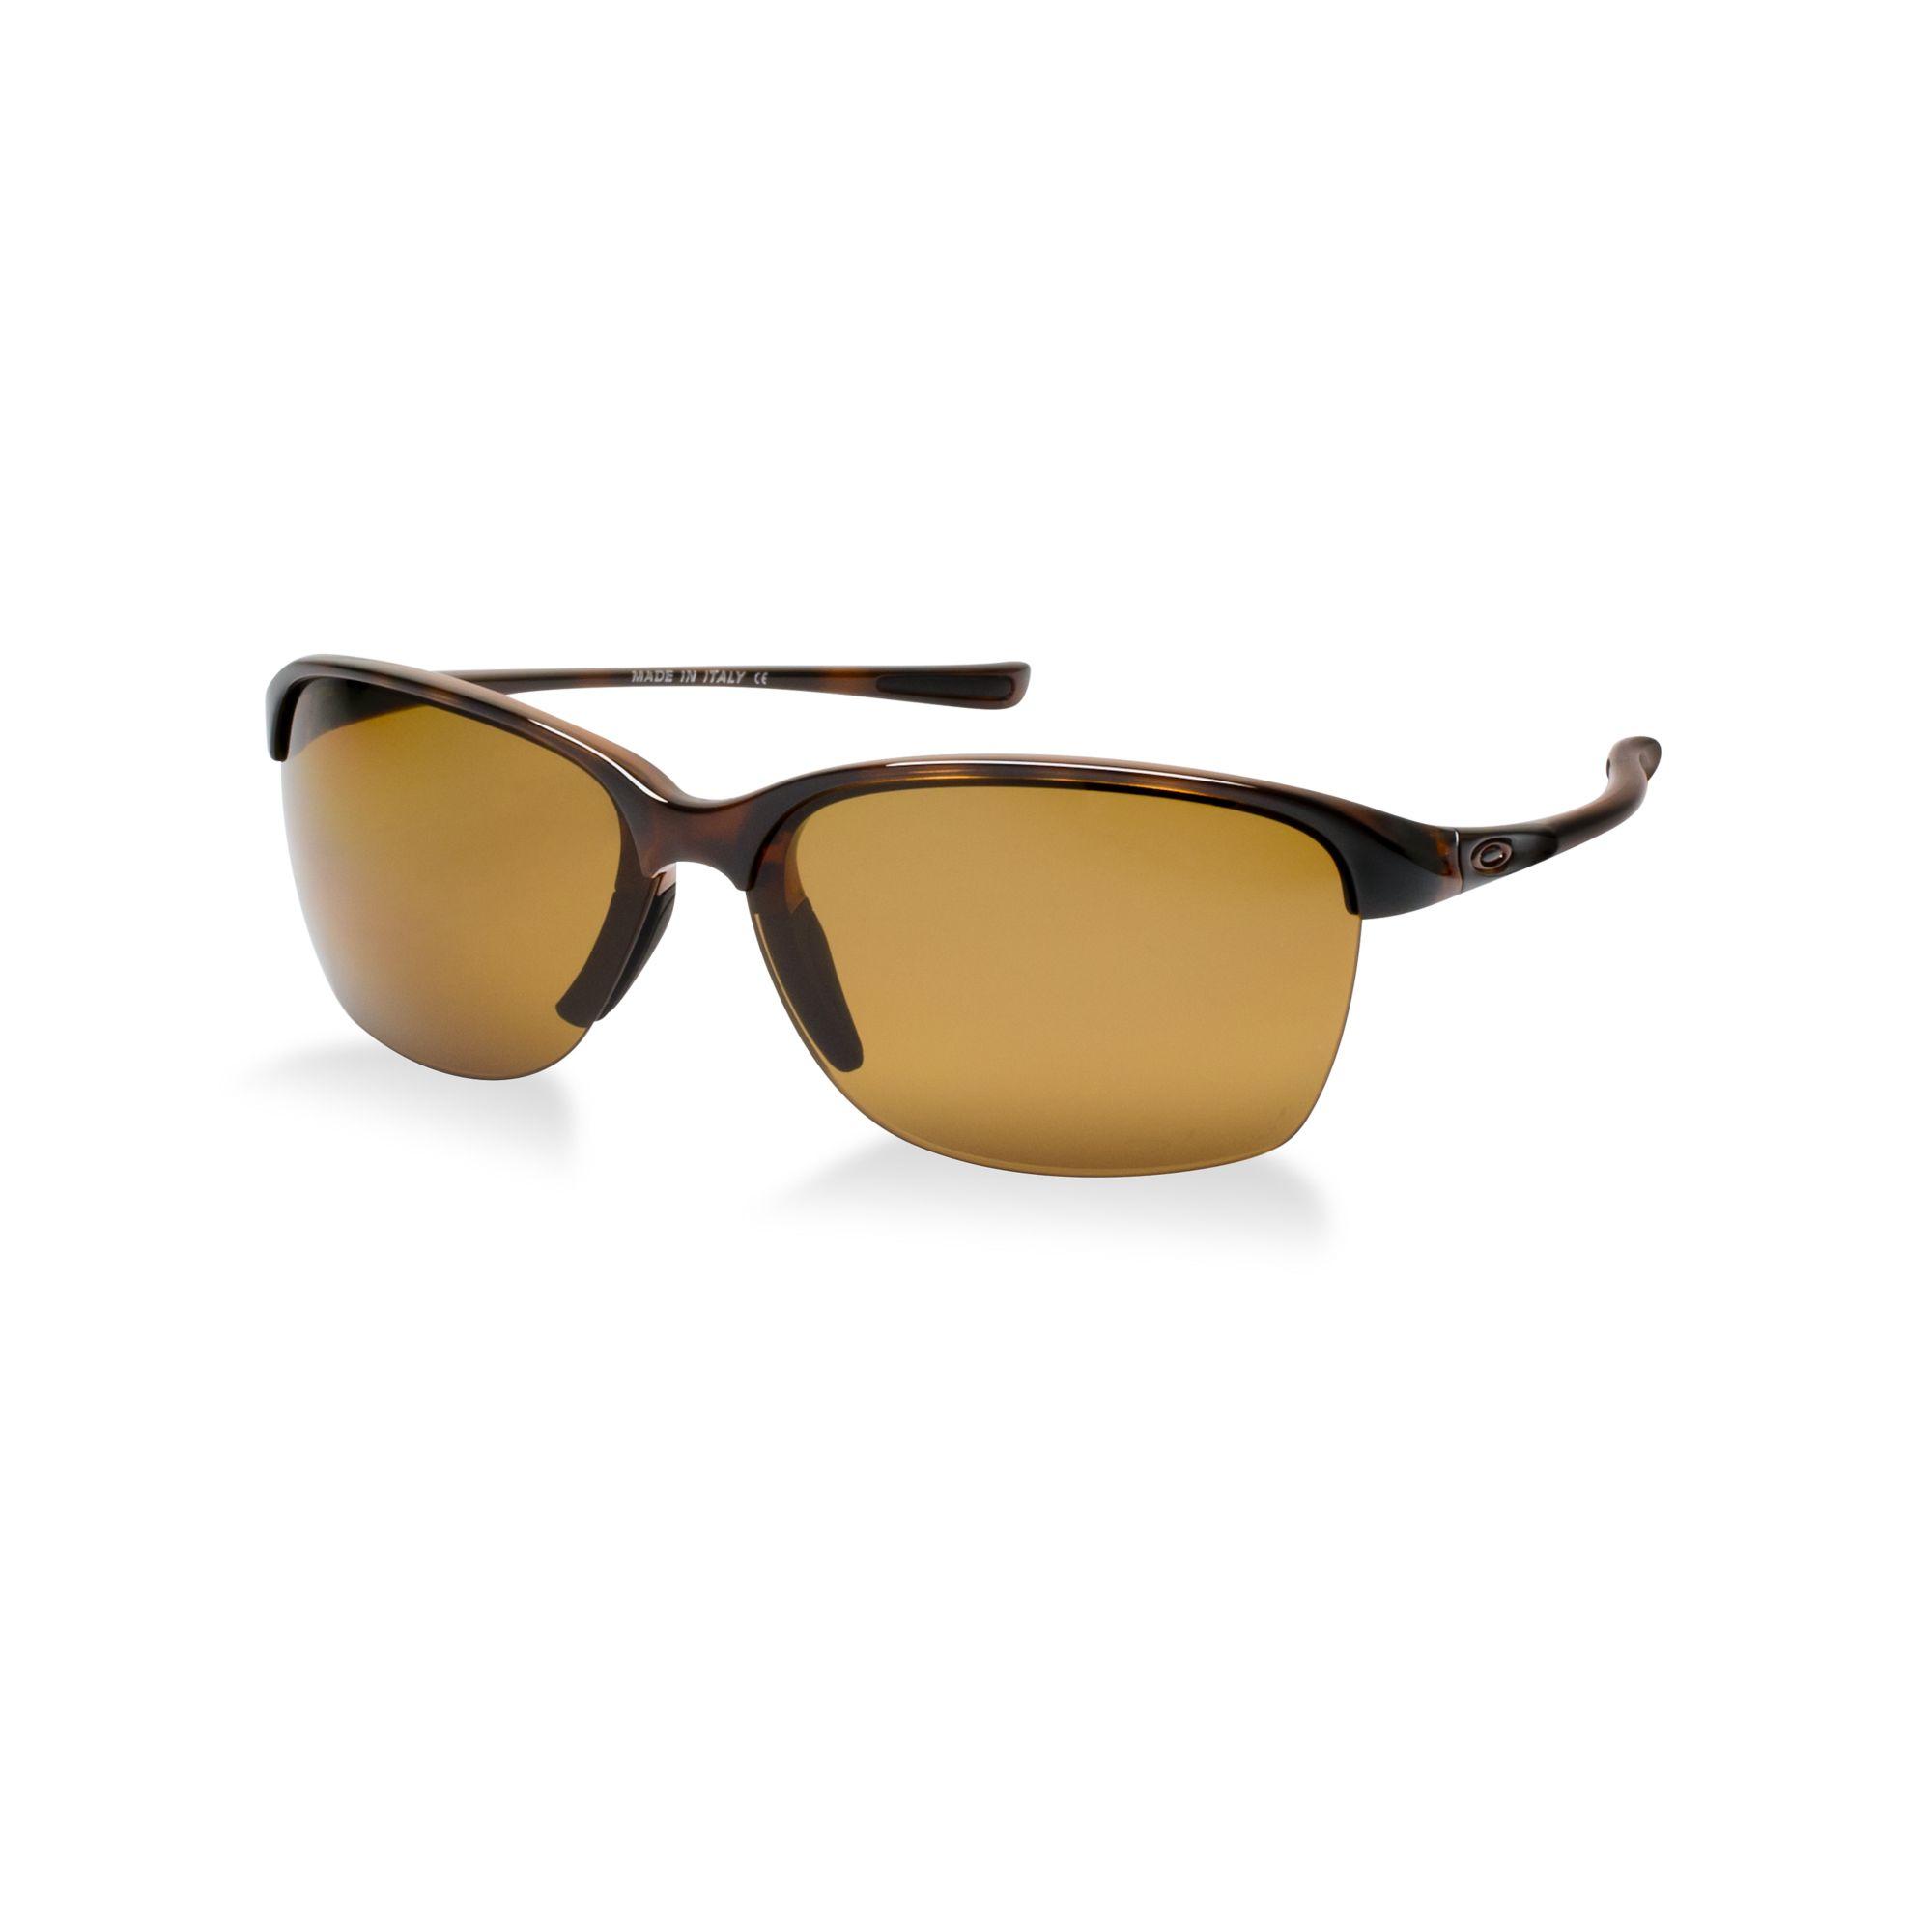 9c0a3328f2e Oakley Women s Sunglasses Unstoppable